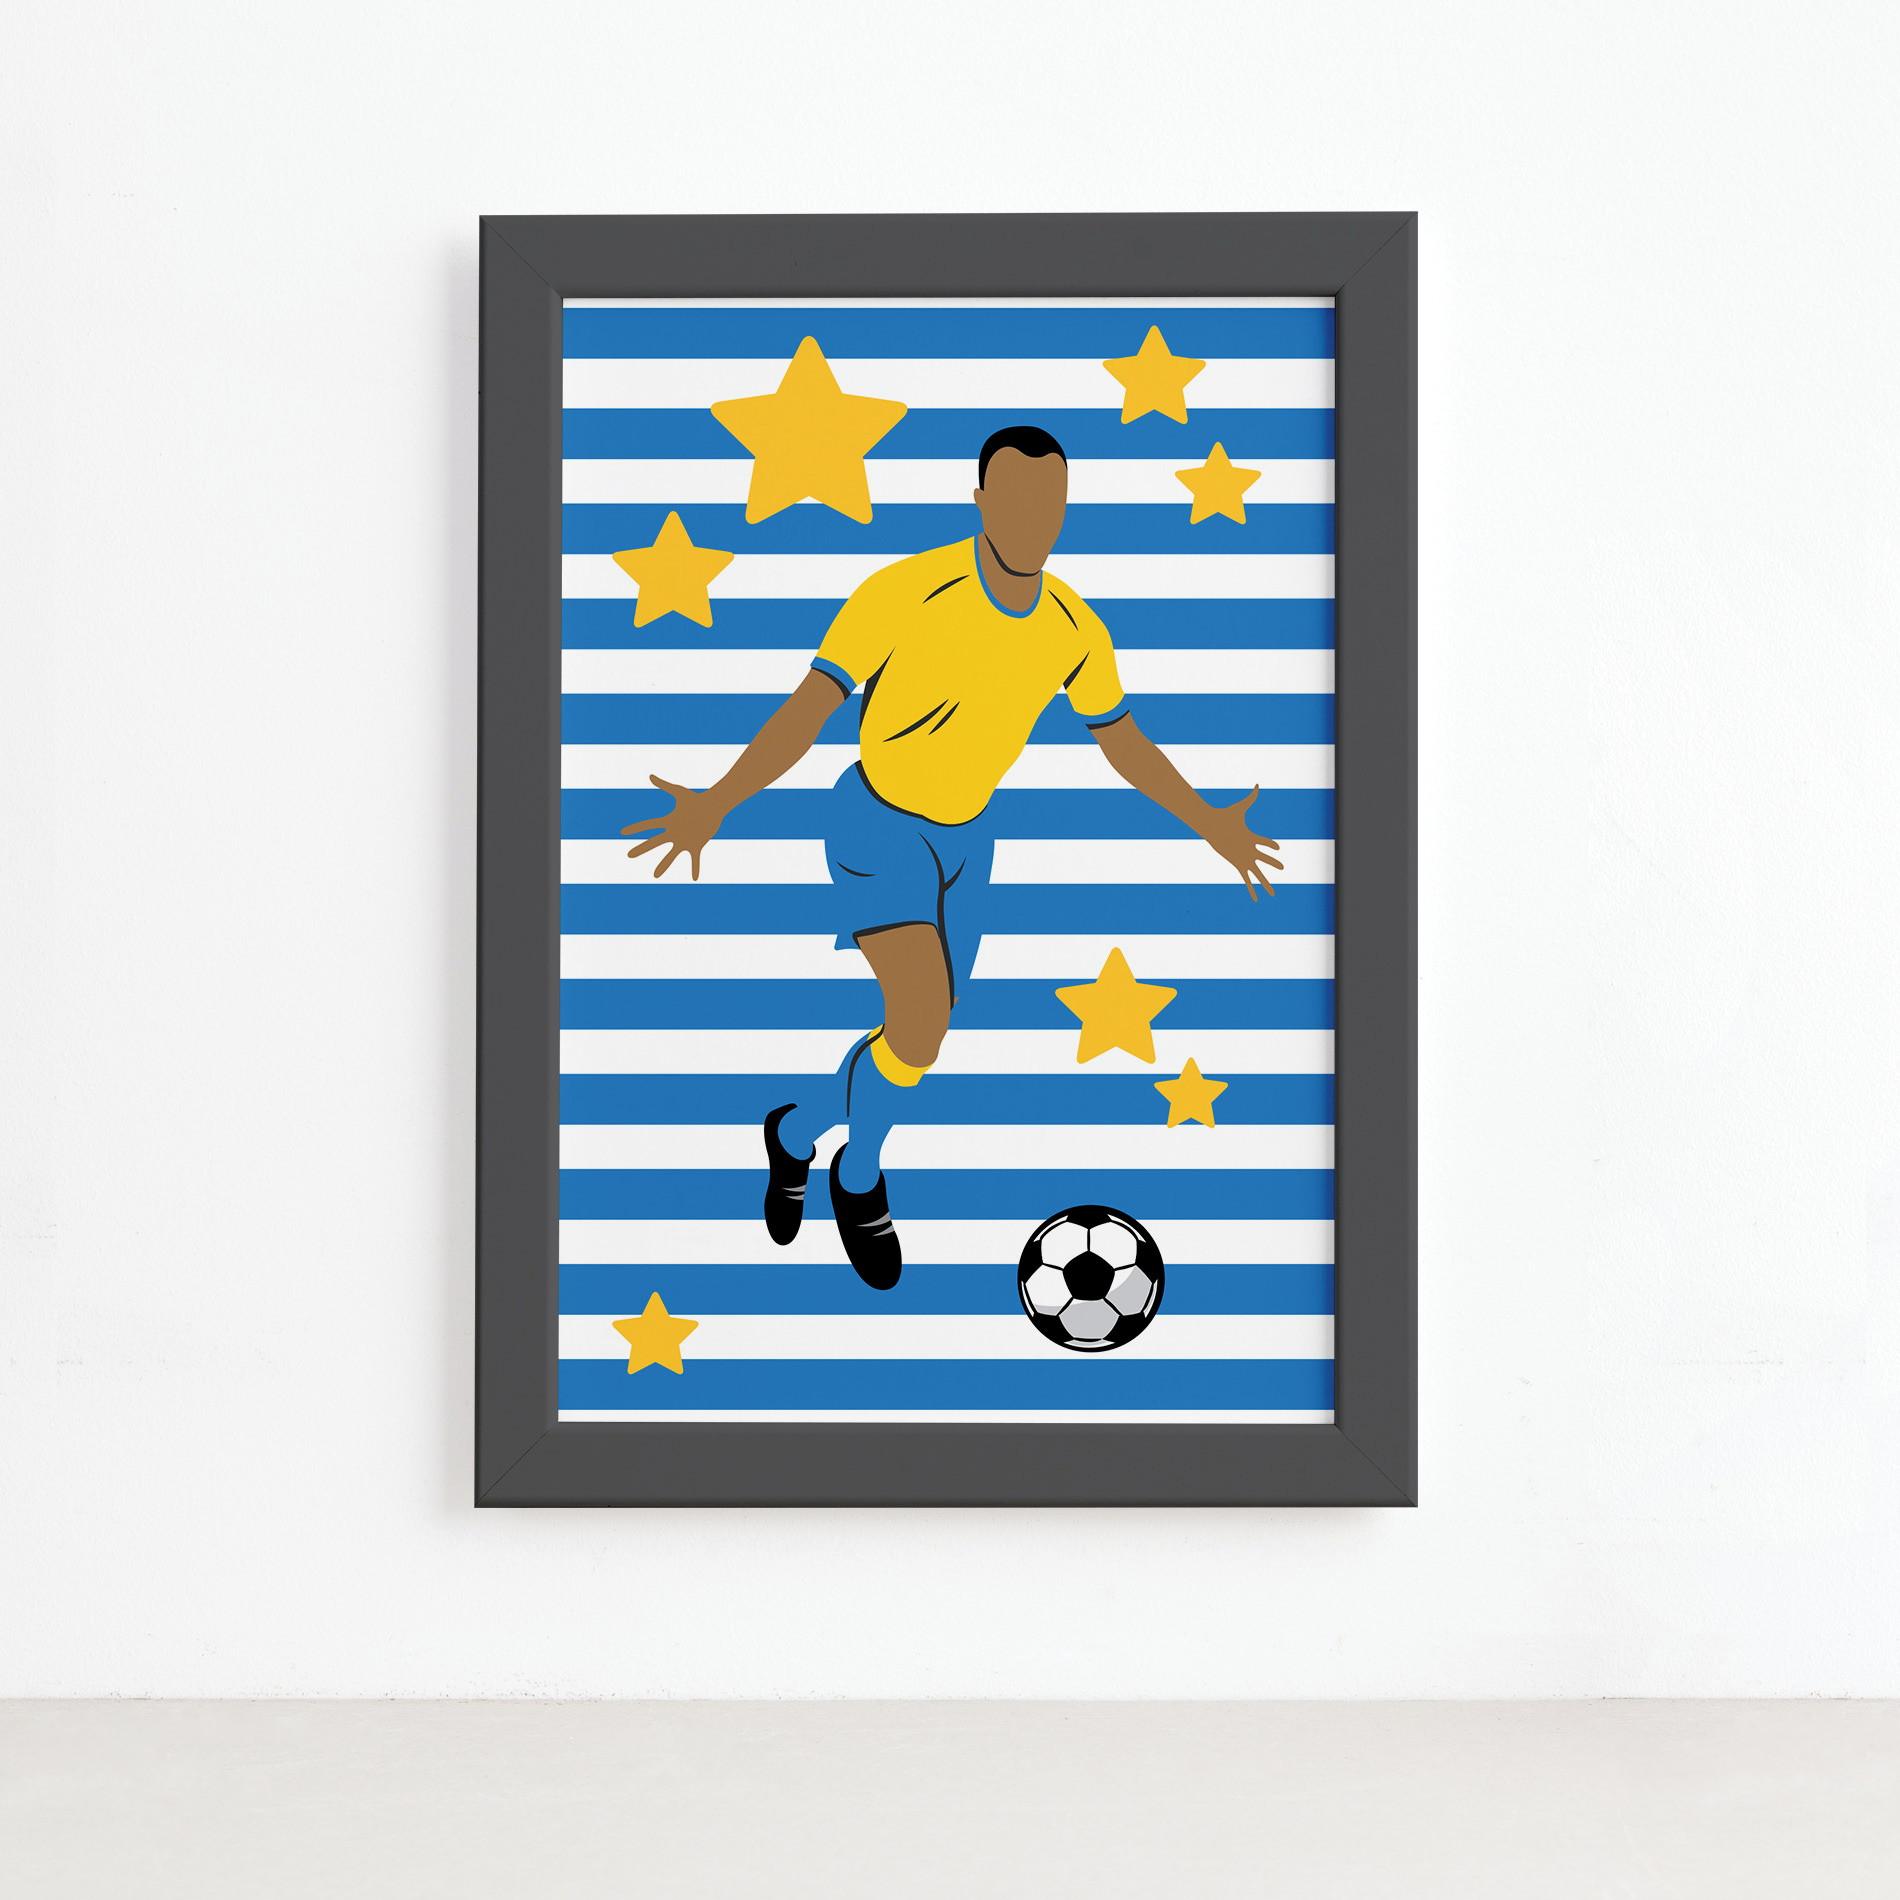 Quadro Infantil Futebol Gol Jogador Azul 22x32 Moldura Preta  411d13c8415c0